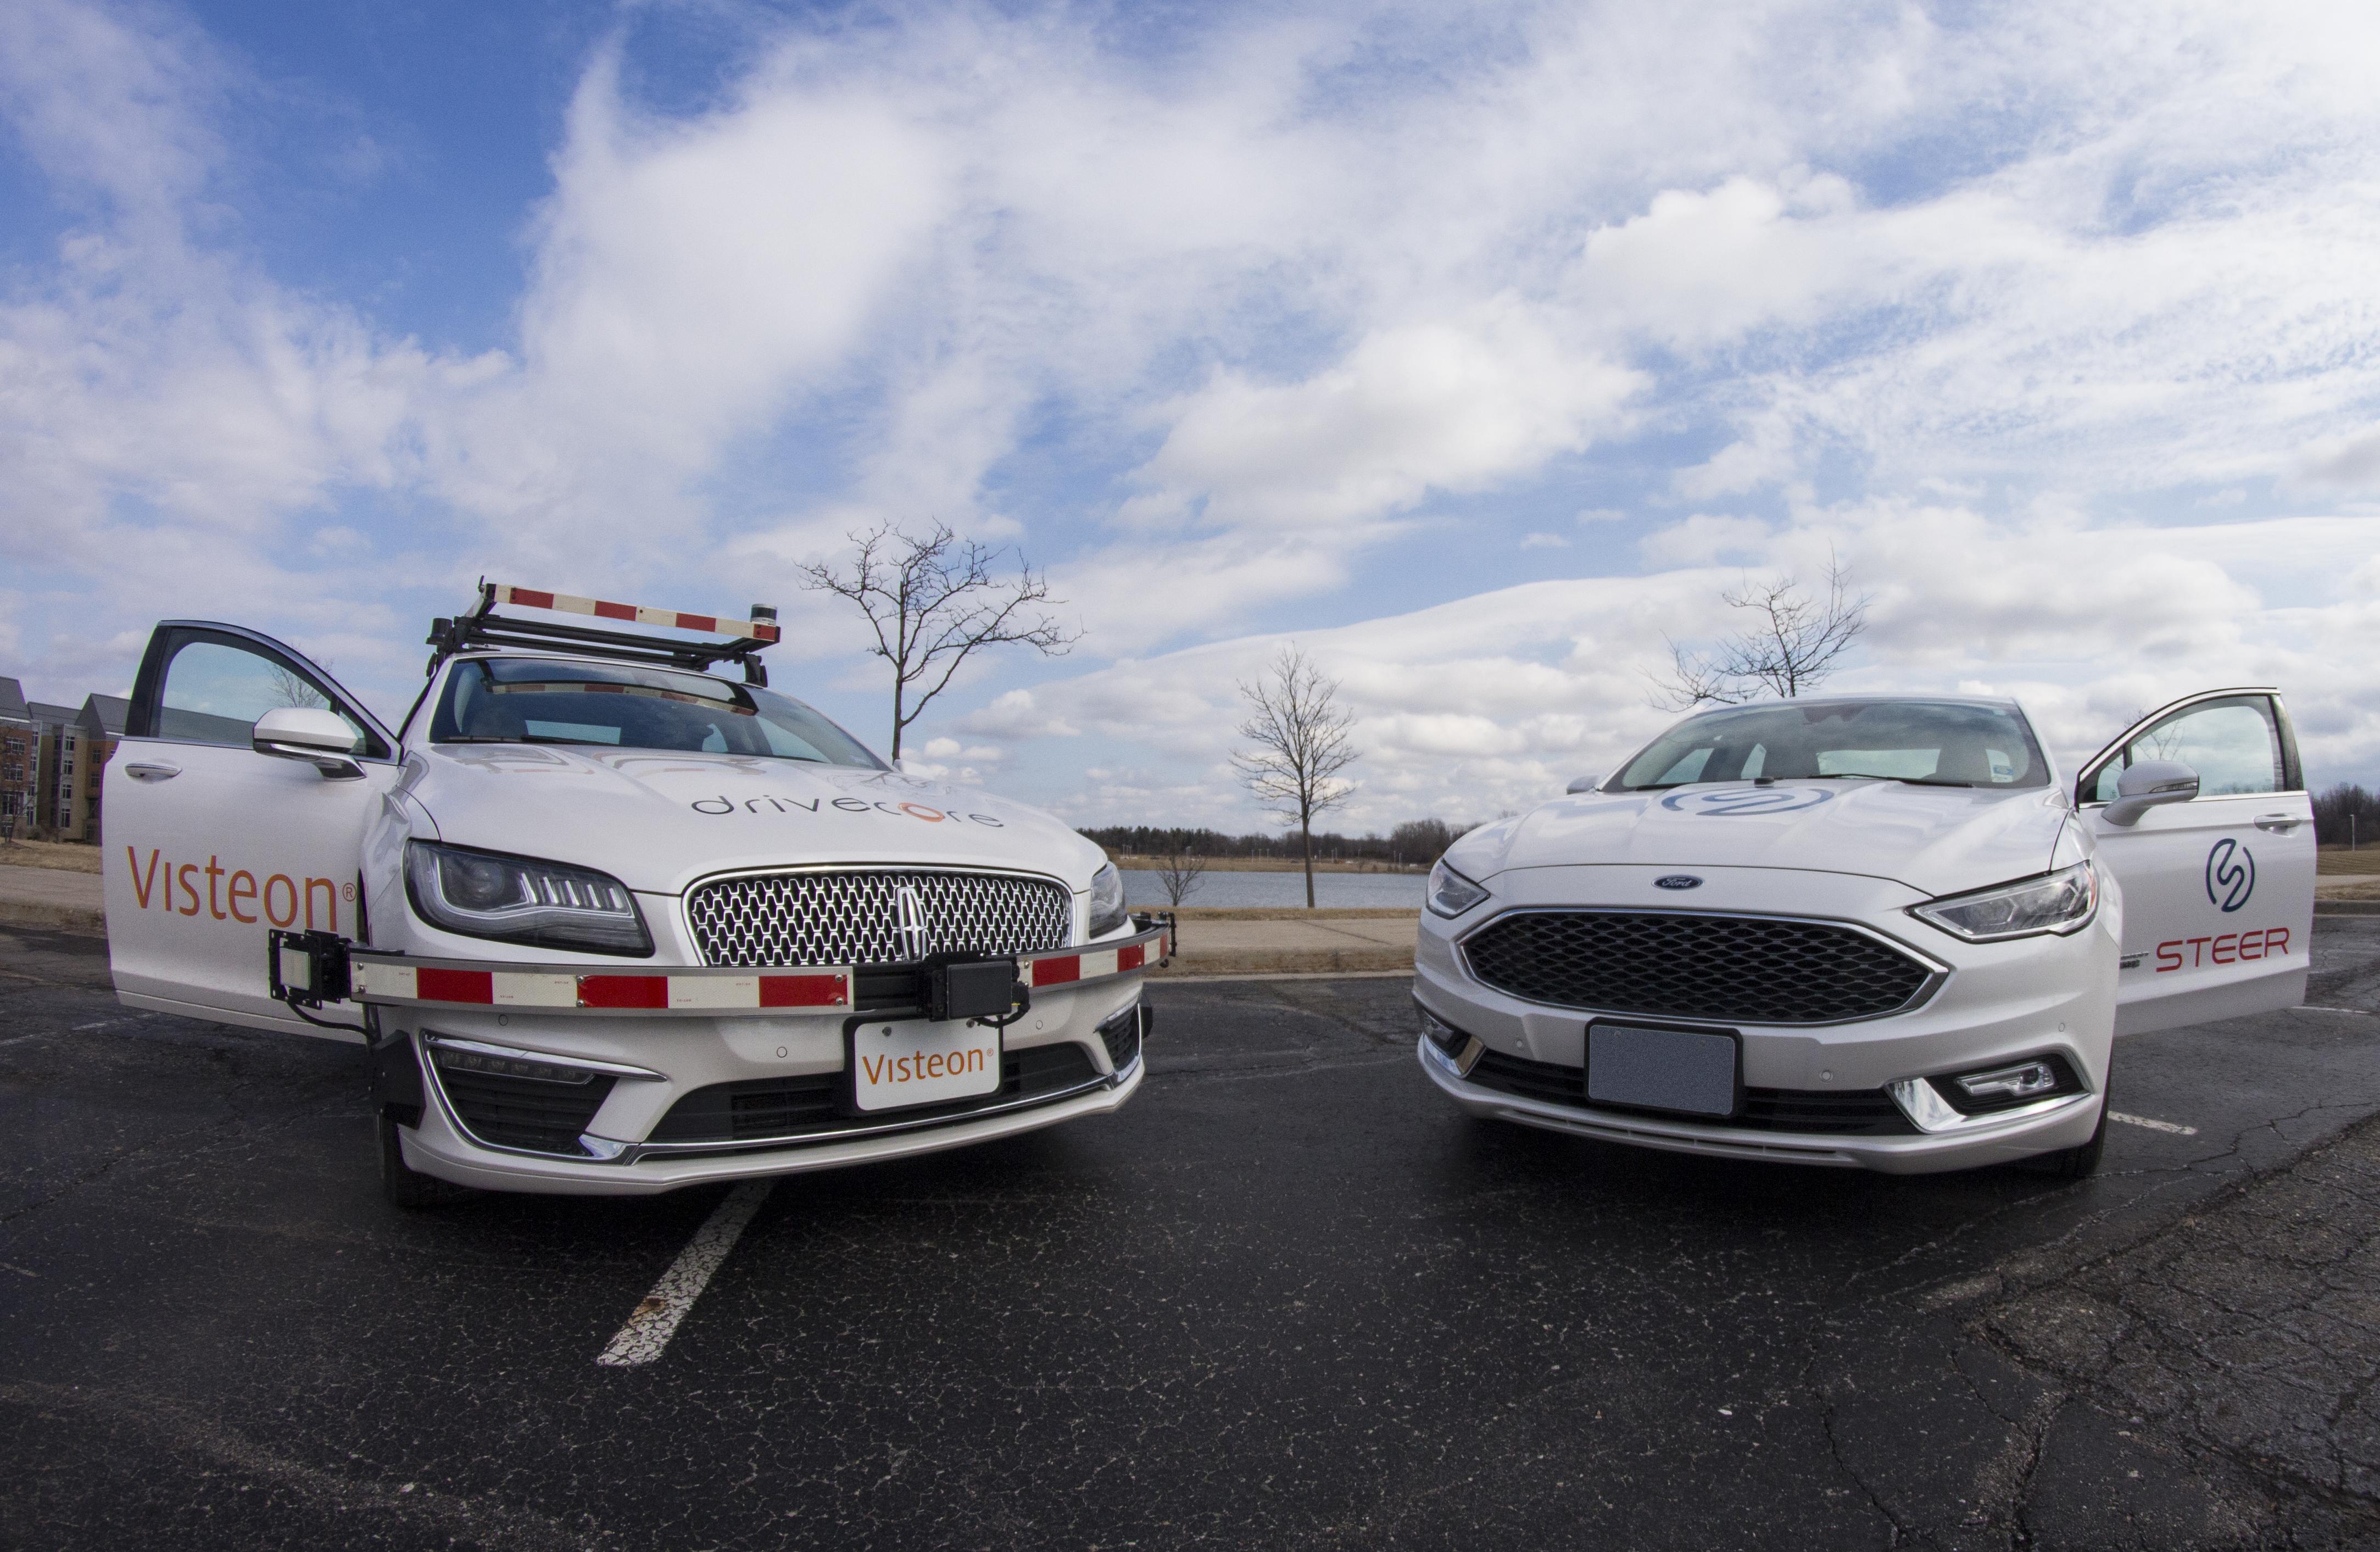 autonomous-vehicles-doors-open-lincoln-ford